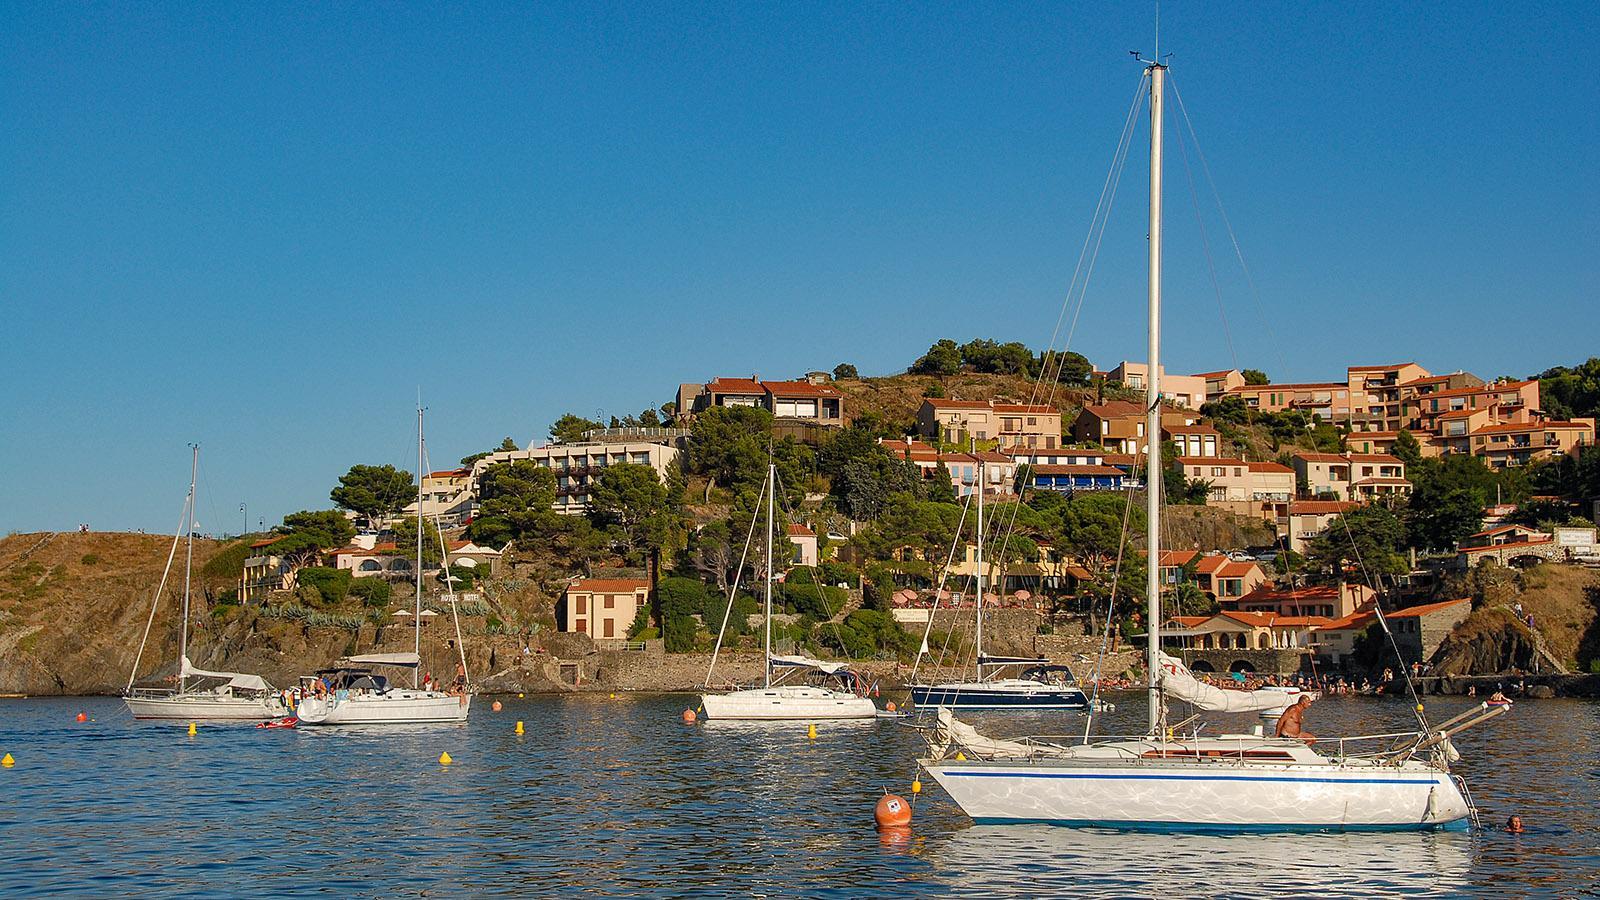 Die südliche Hafenbucht von Collioure. Foto: Hilke Maunder